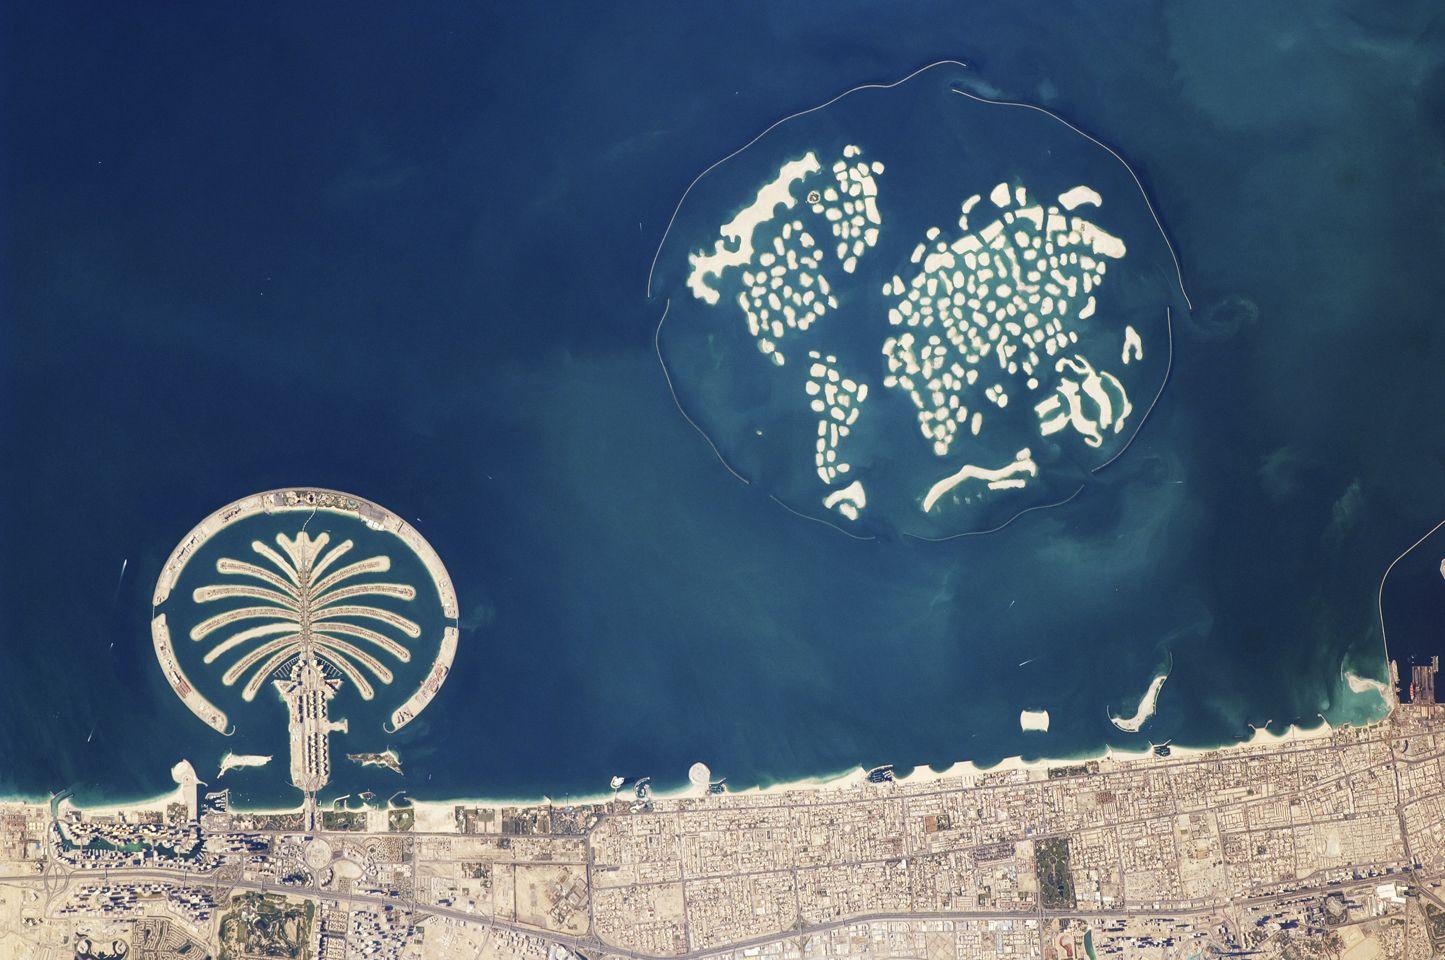 off the coast of UAE